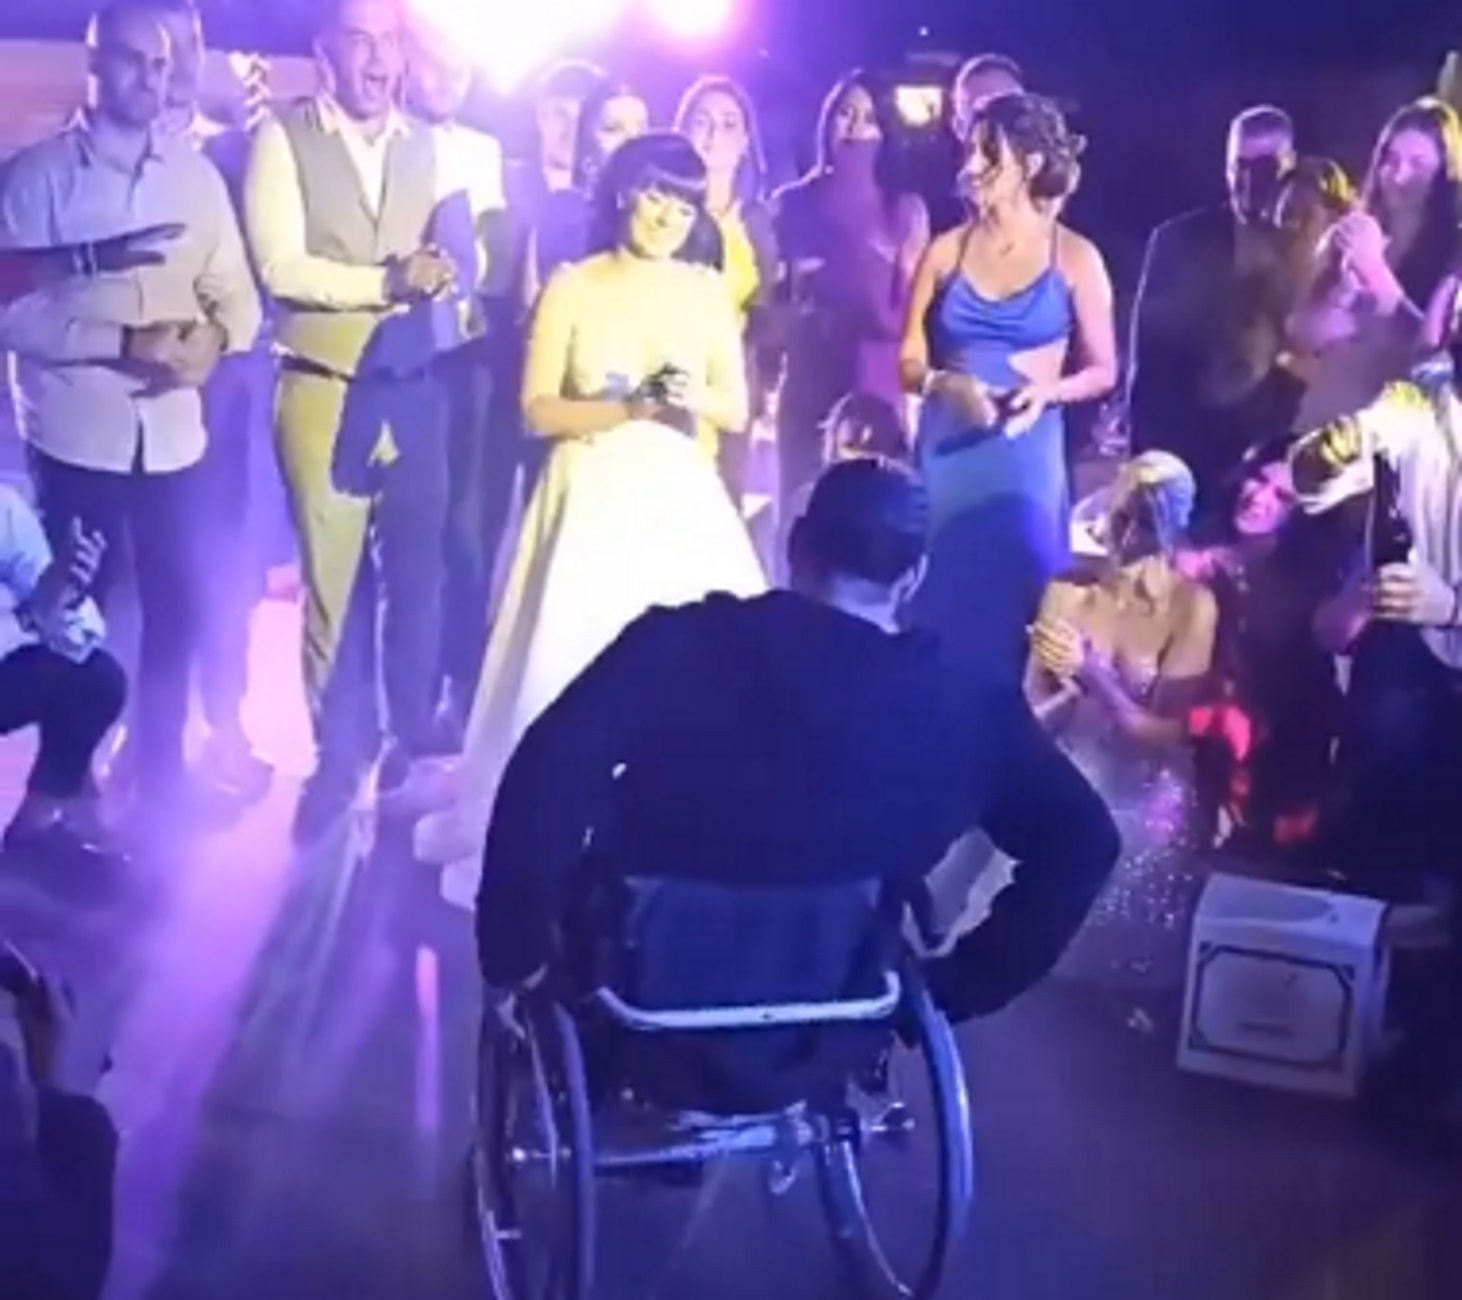 Λέσβος: Ζεϊμπέκικο λεβεντιάς σε έναν παραμυθένιο γάμο – Η άγνωστη ιστορία  ζωής πίσω από το βίντεο